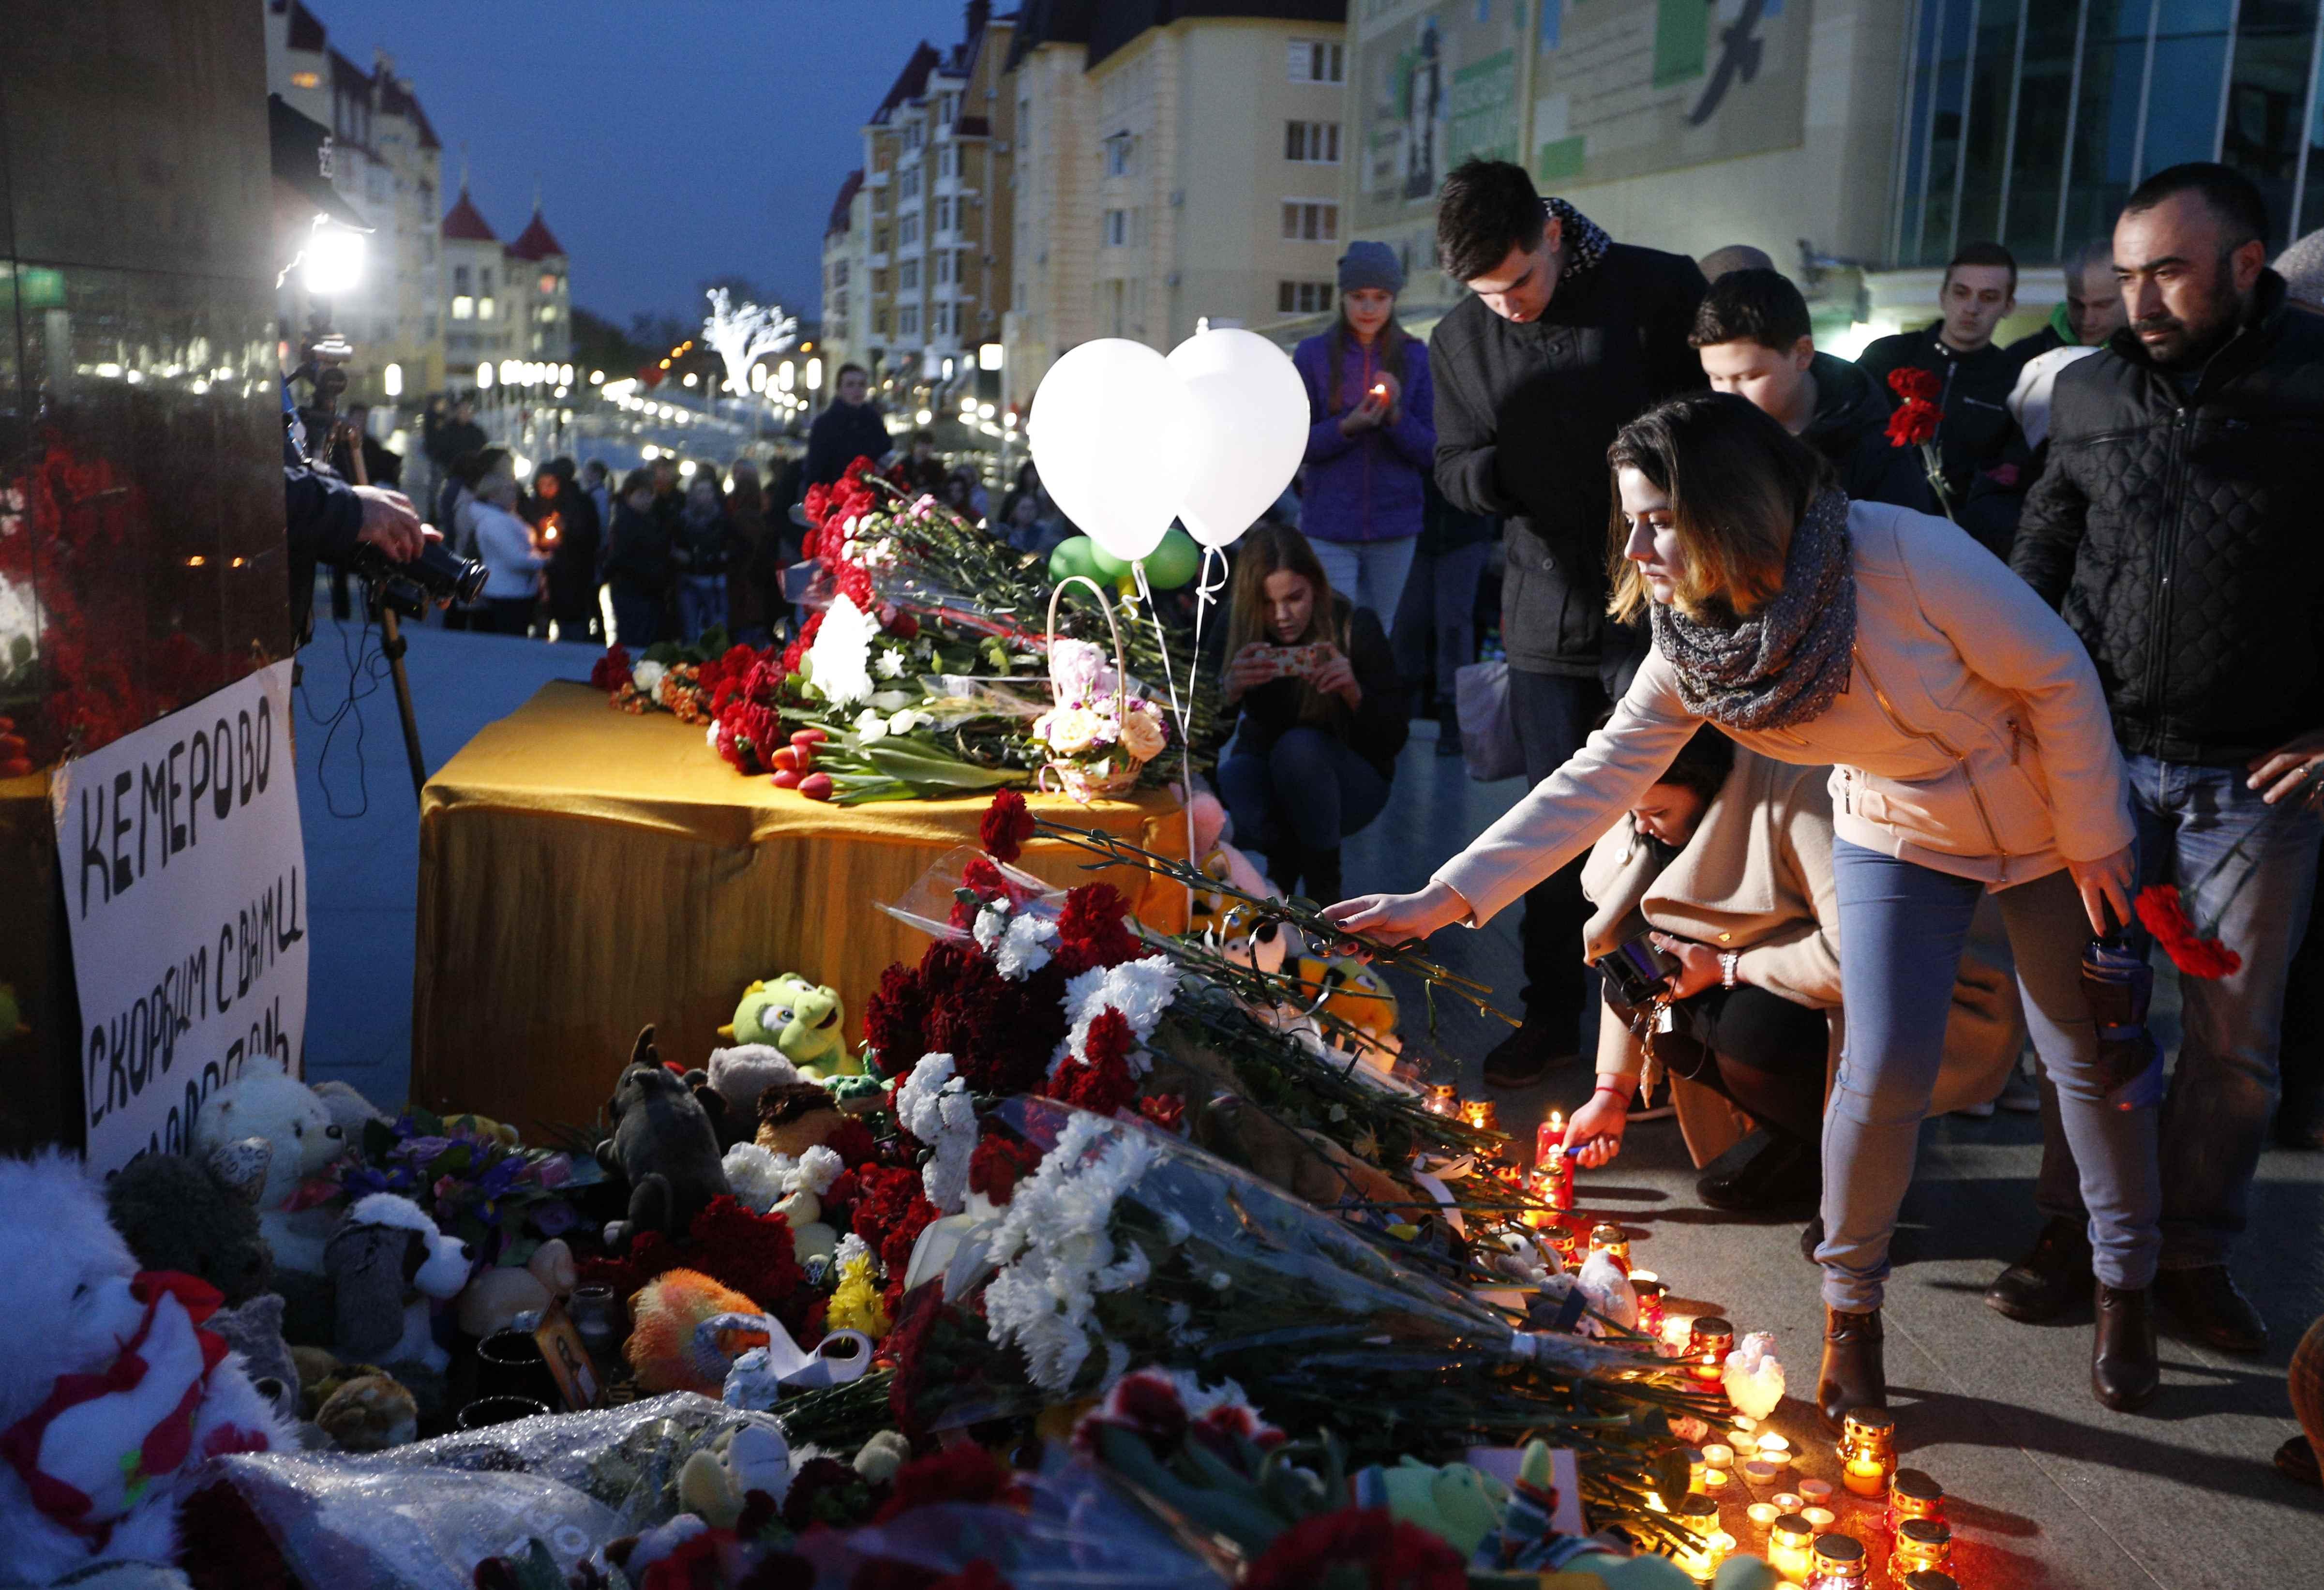 (REUTERS/Eduard Korniyenko)